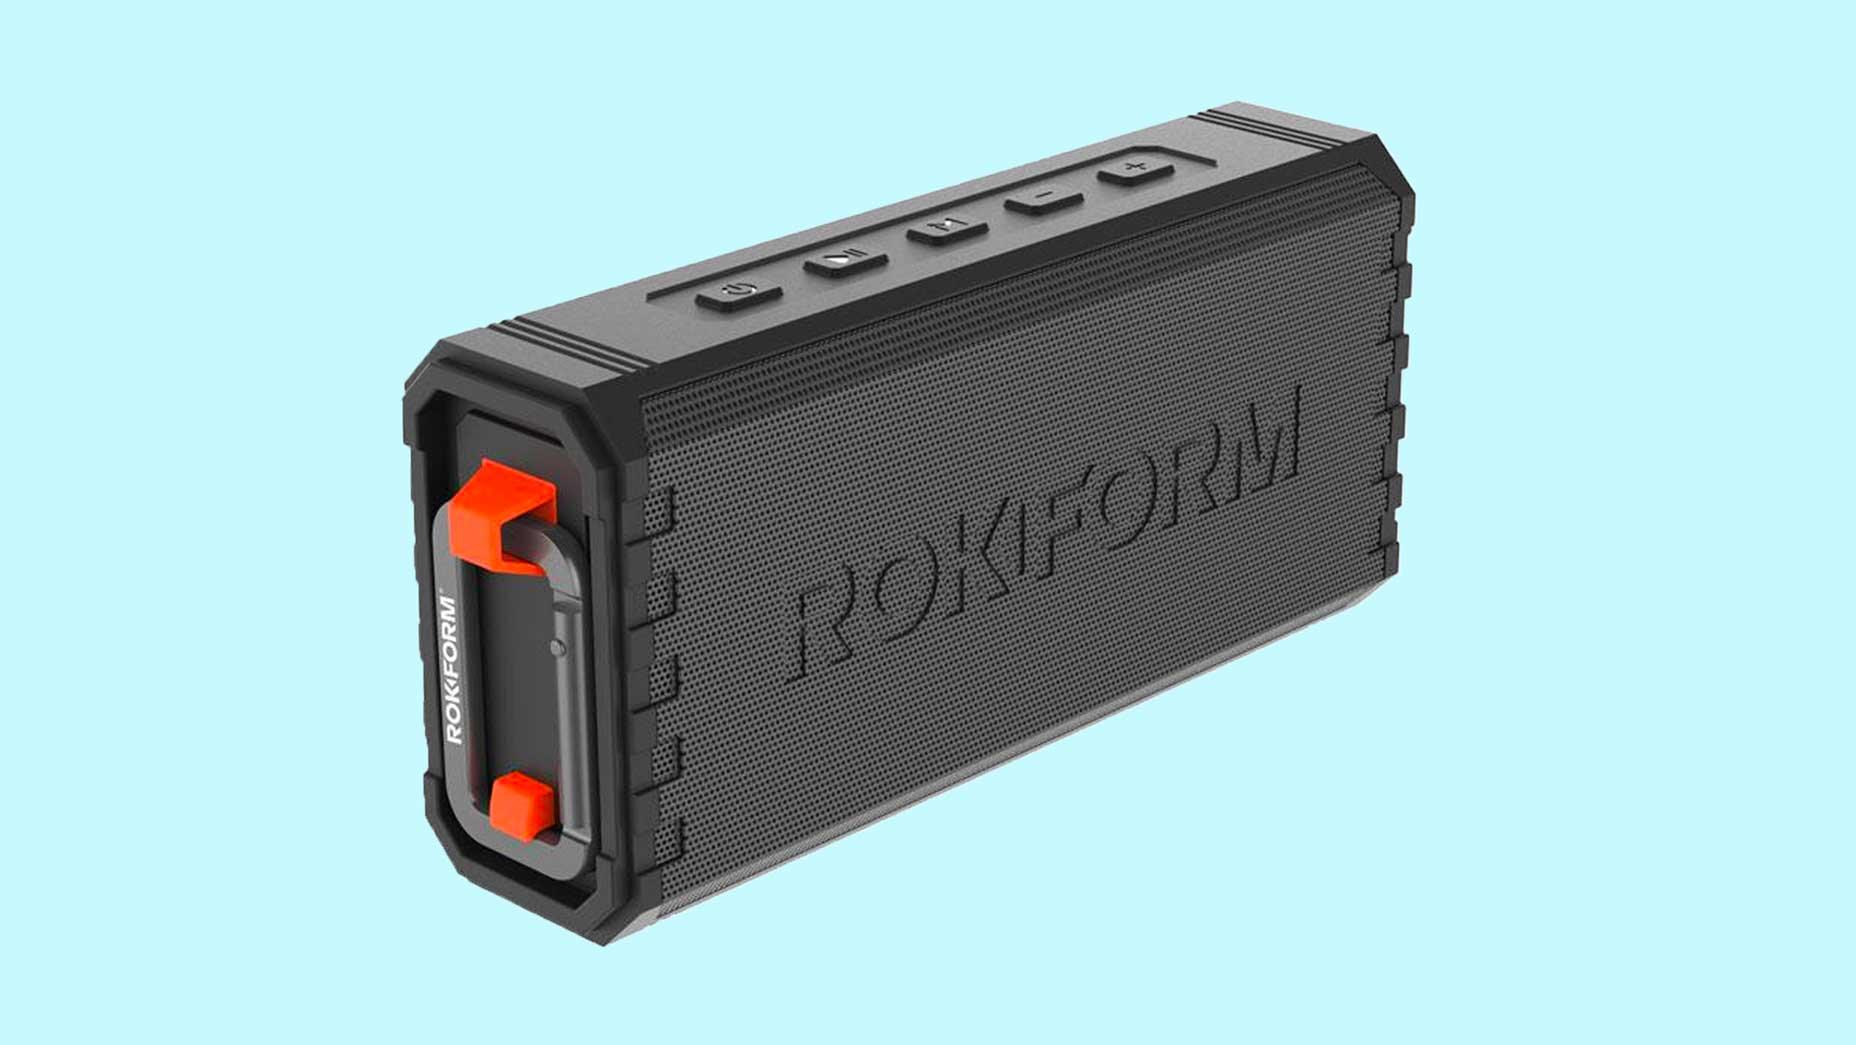 The G-ROK Wireless Golf speaker. against light blue background